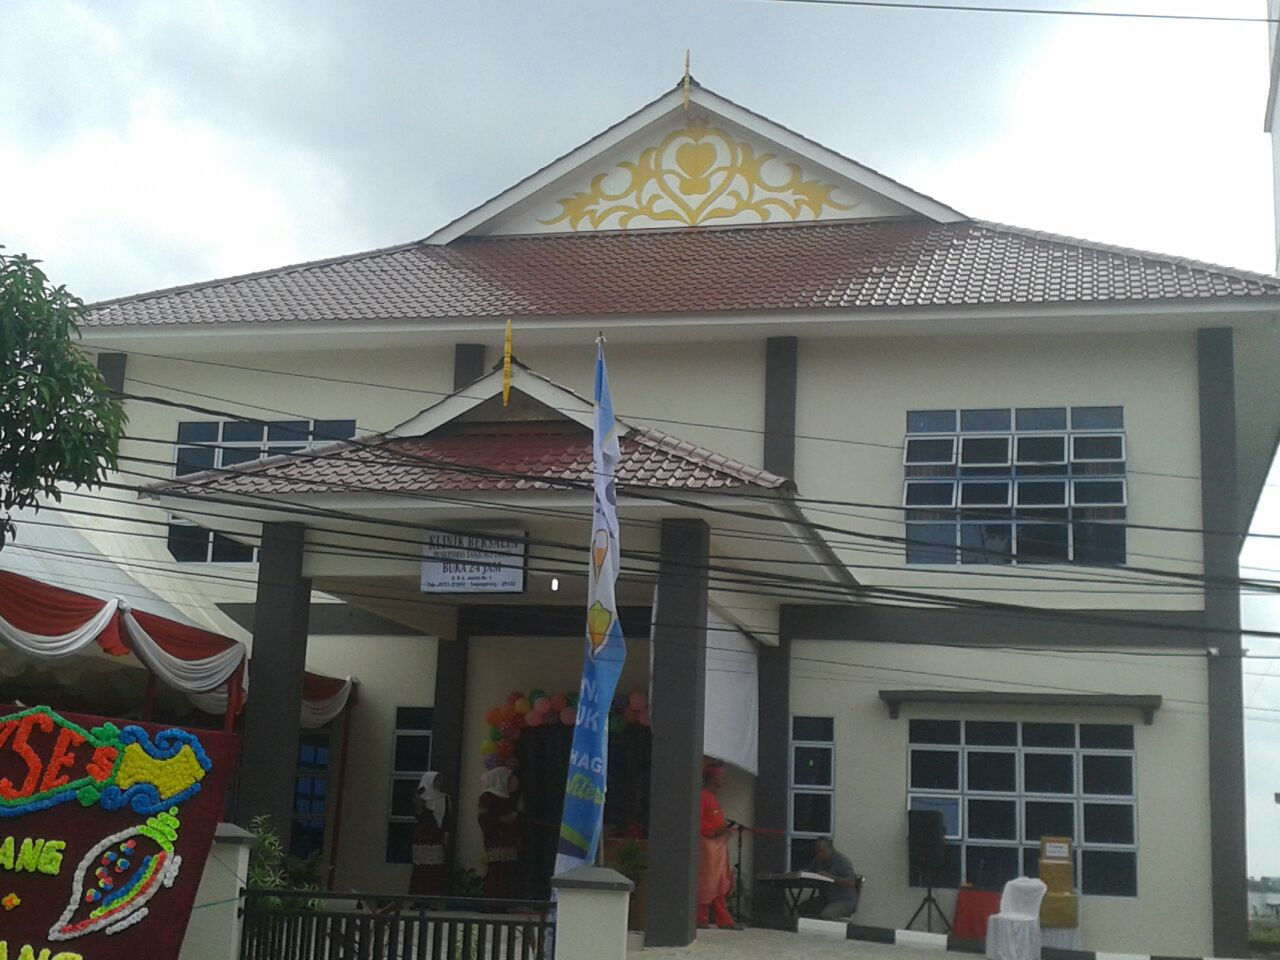 Wali Kota Tanjungpinang Resmikan Klinik Bersalin 24 jam dan Gedung Baru Puskesmas Pancur